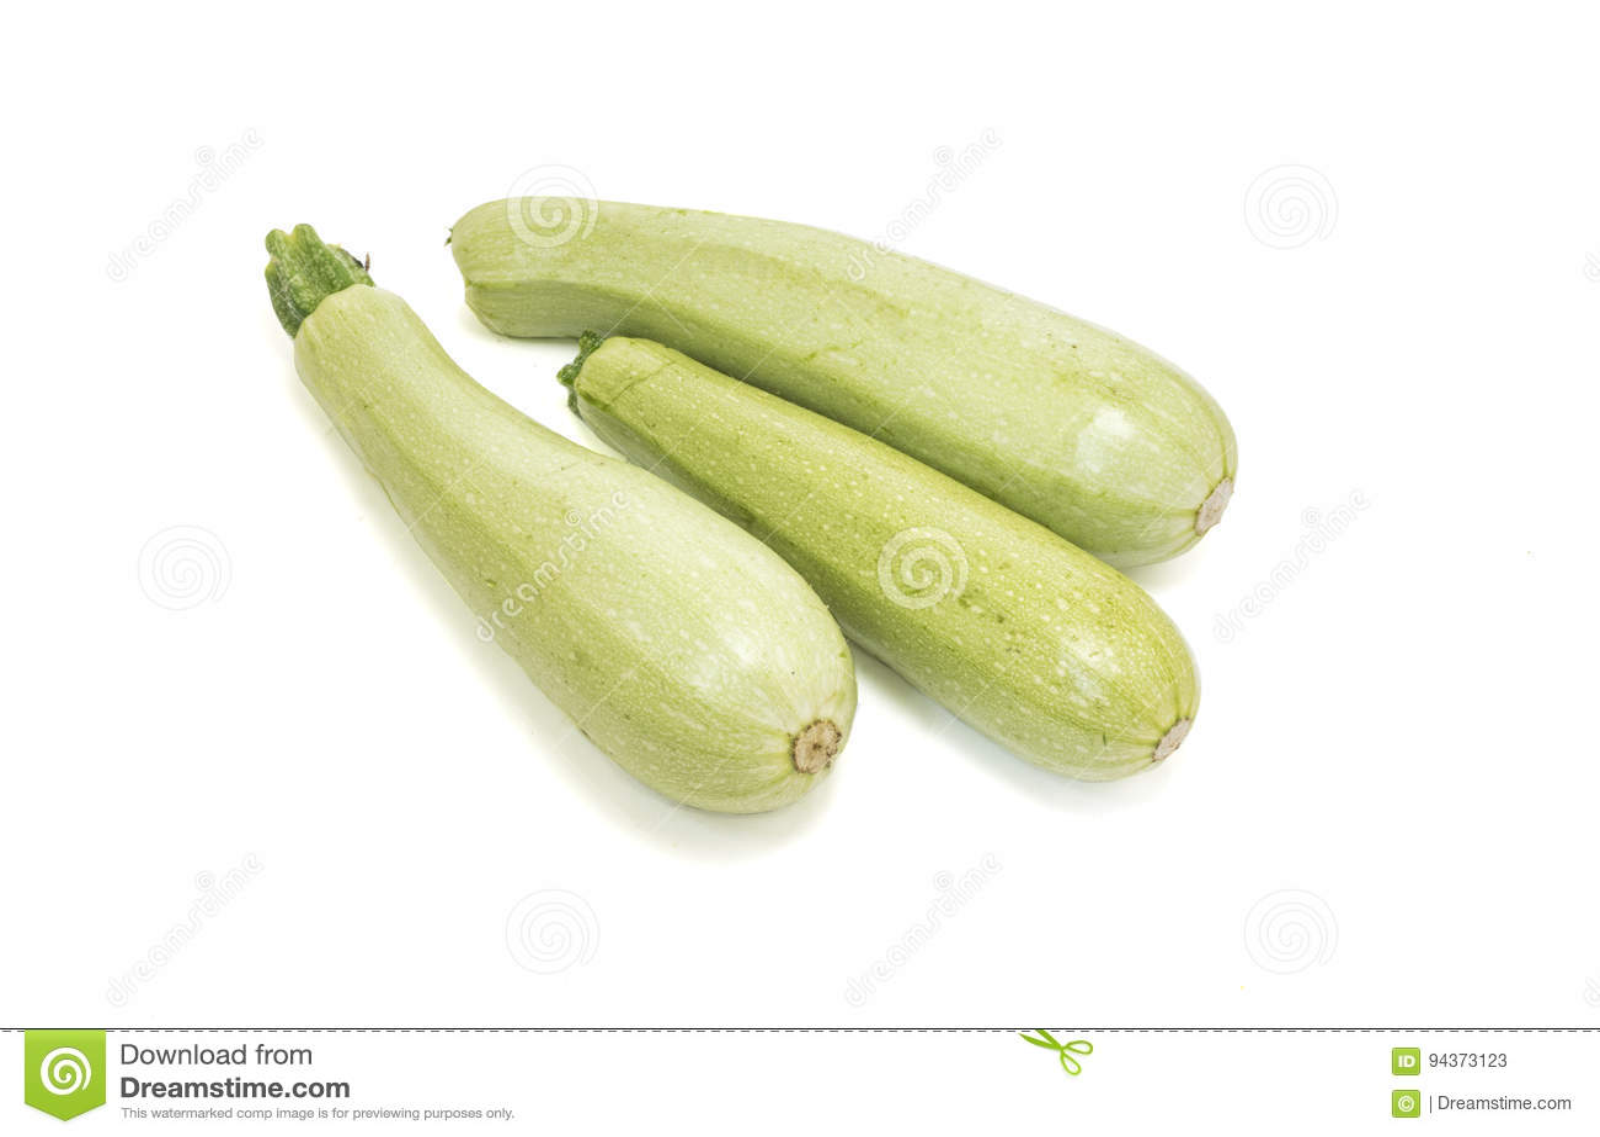 Rå zucchini som isoleras på vit